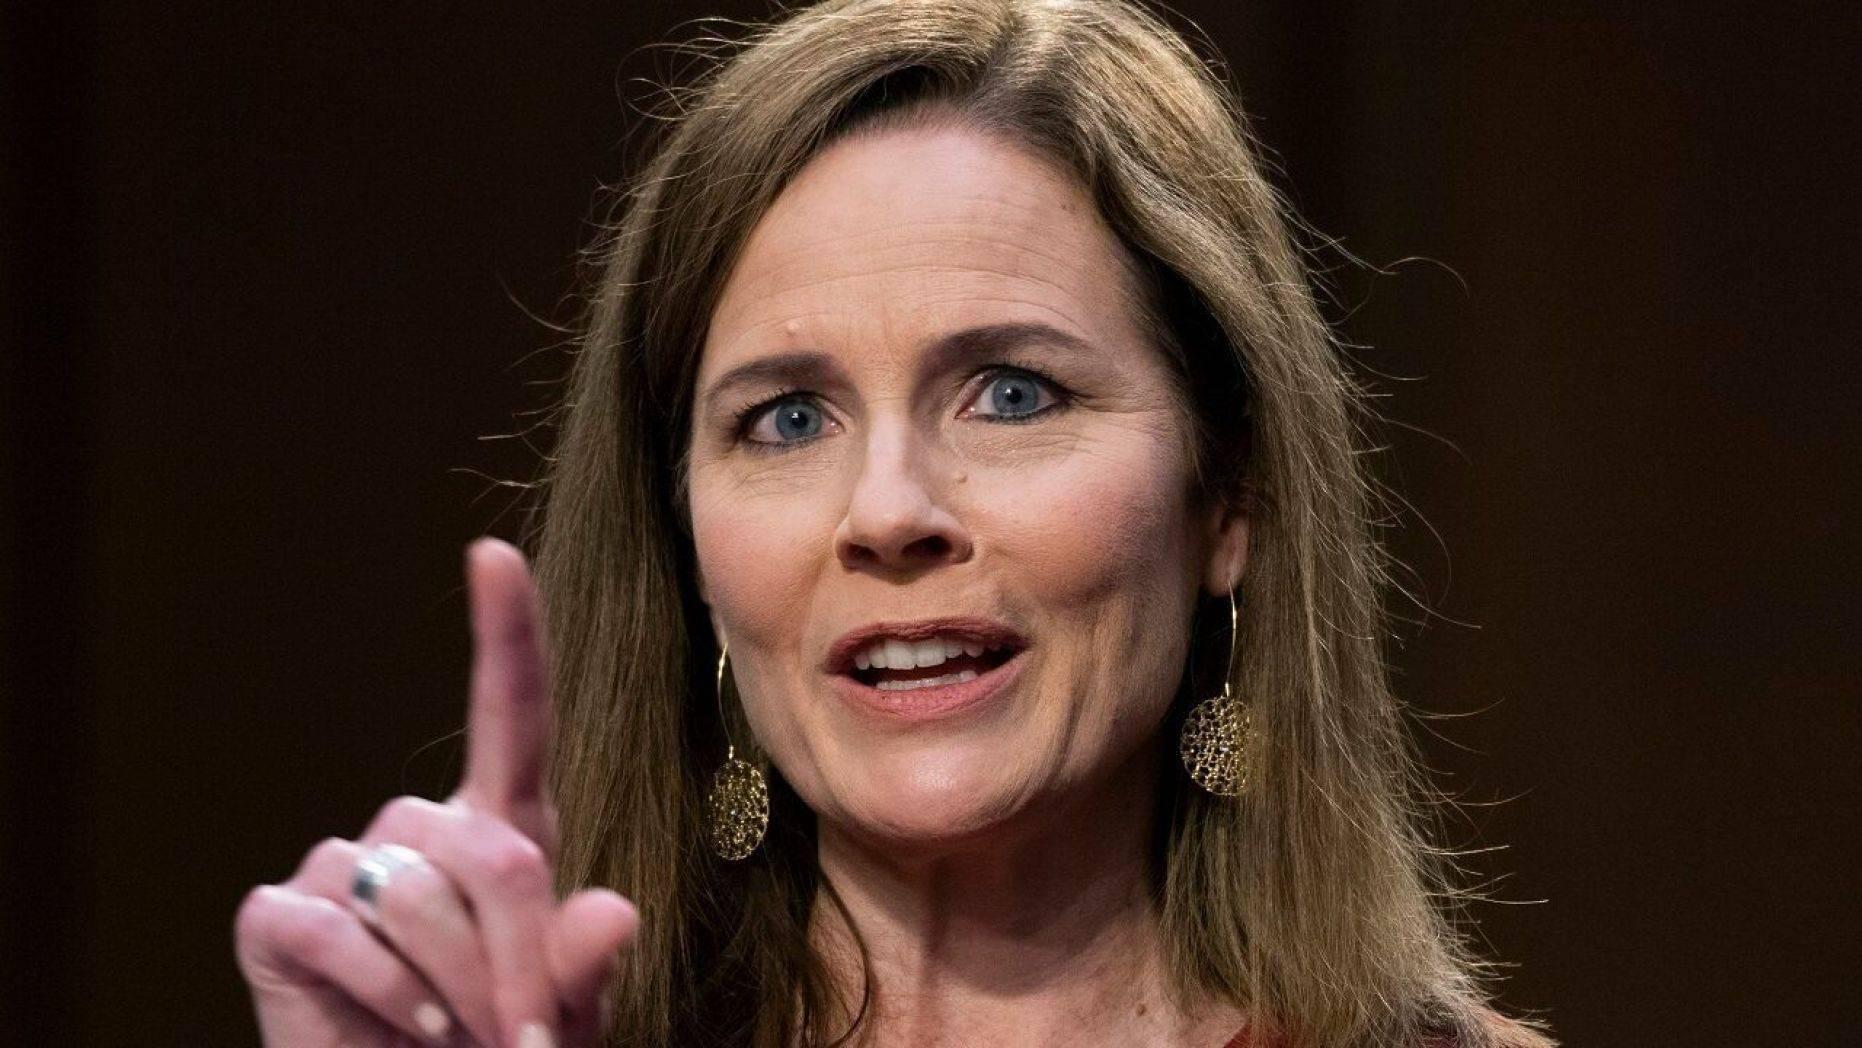 恒达官网最高法院提名人巴雷特:个人观点不会影响她在堕胎、医保方面的决定